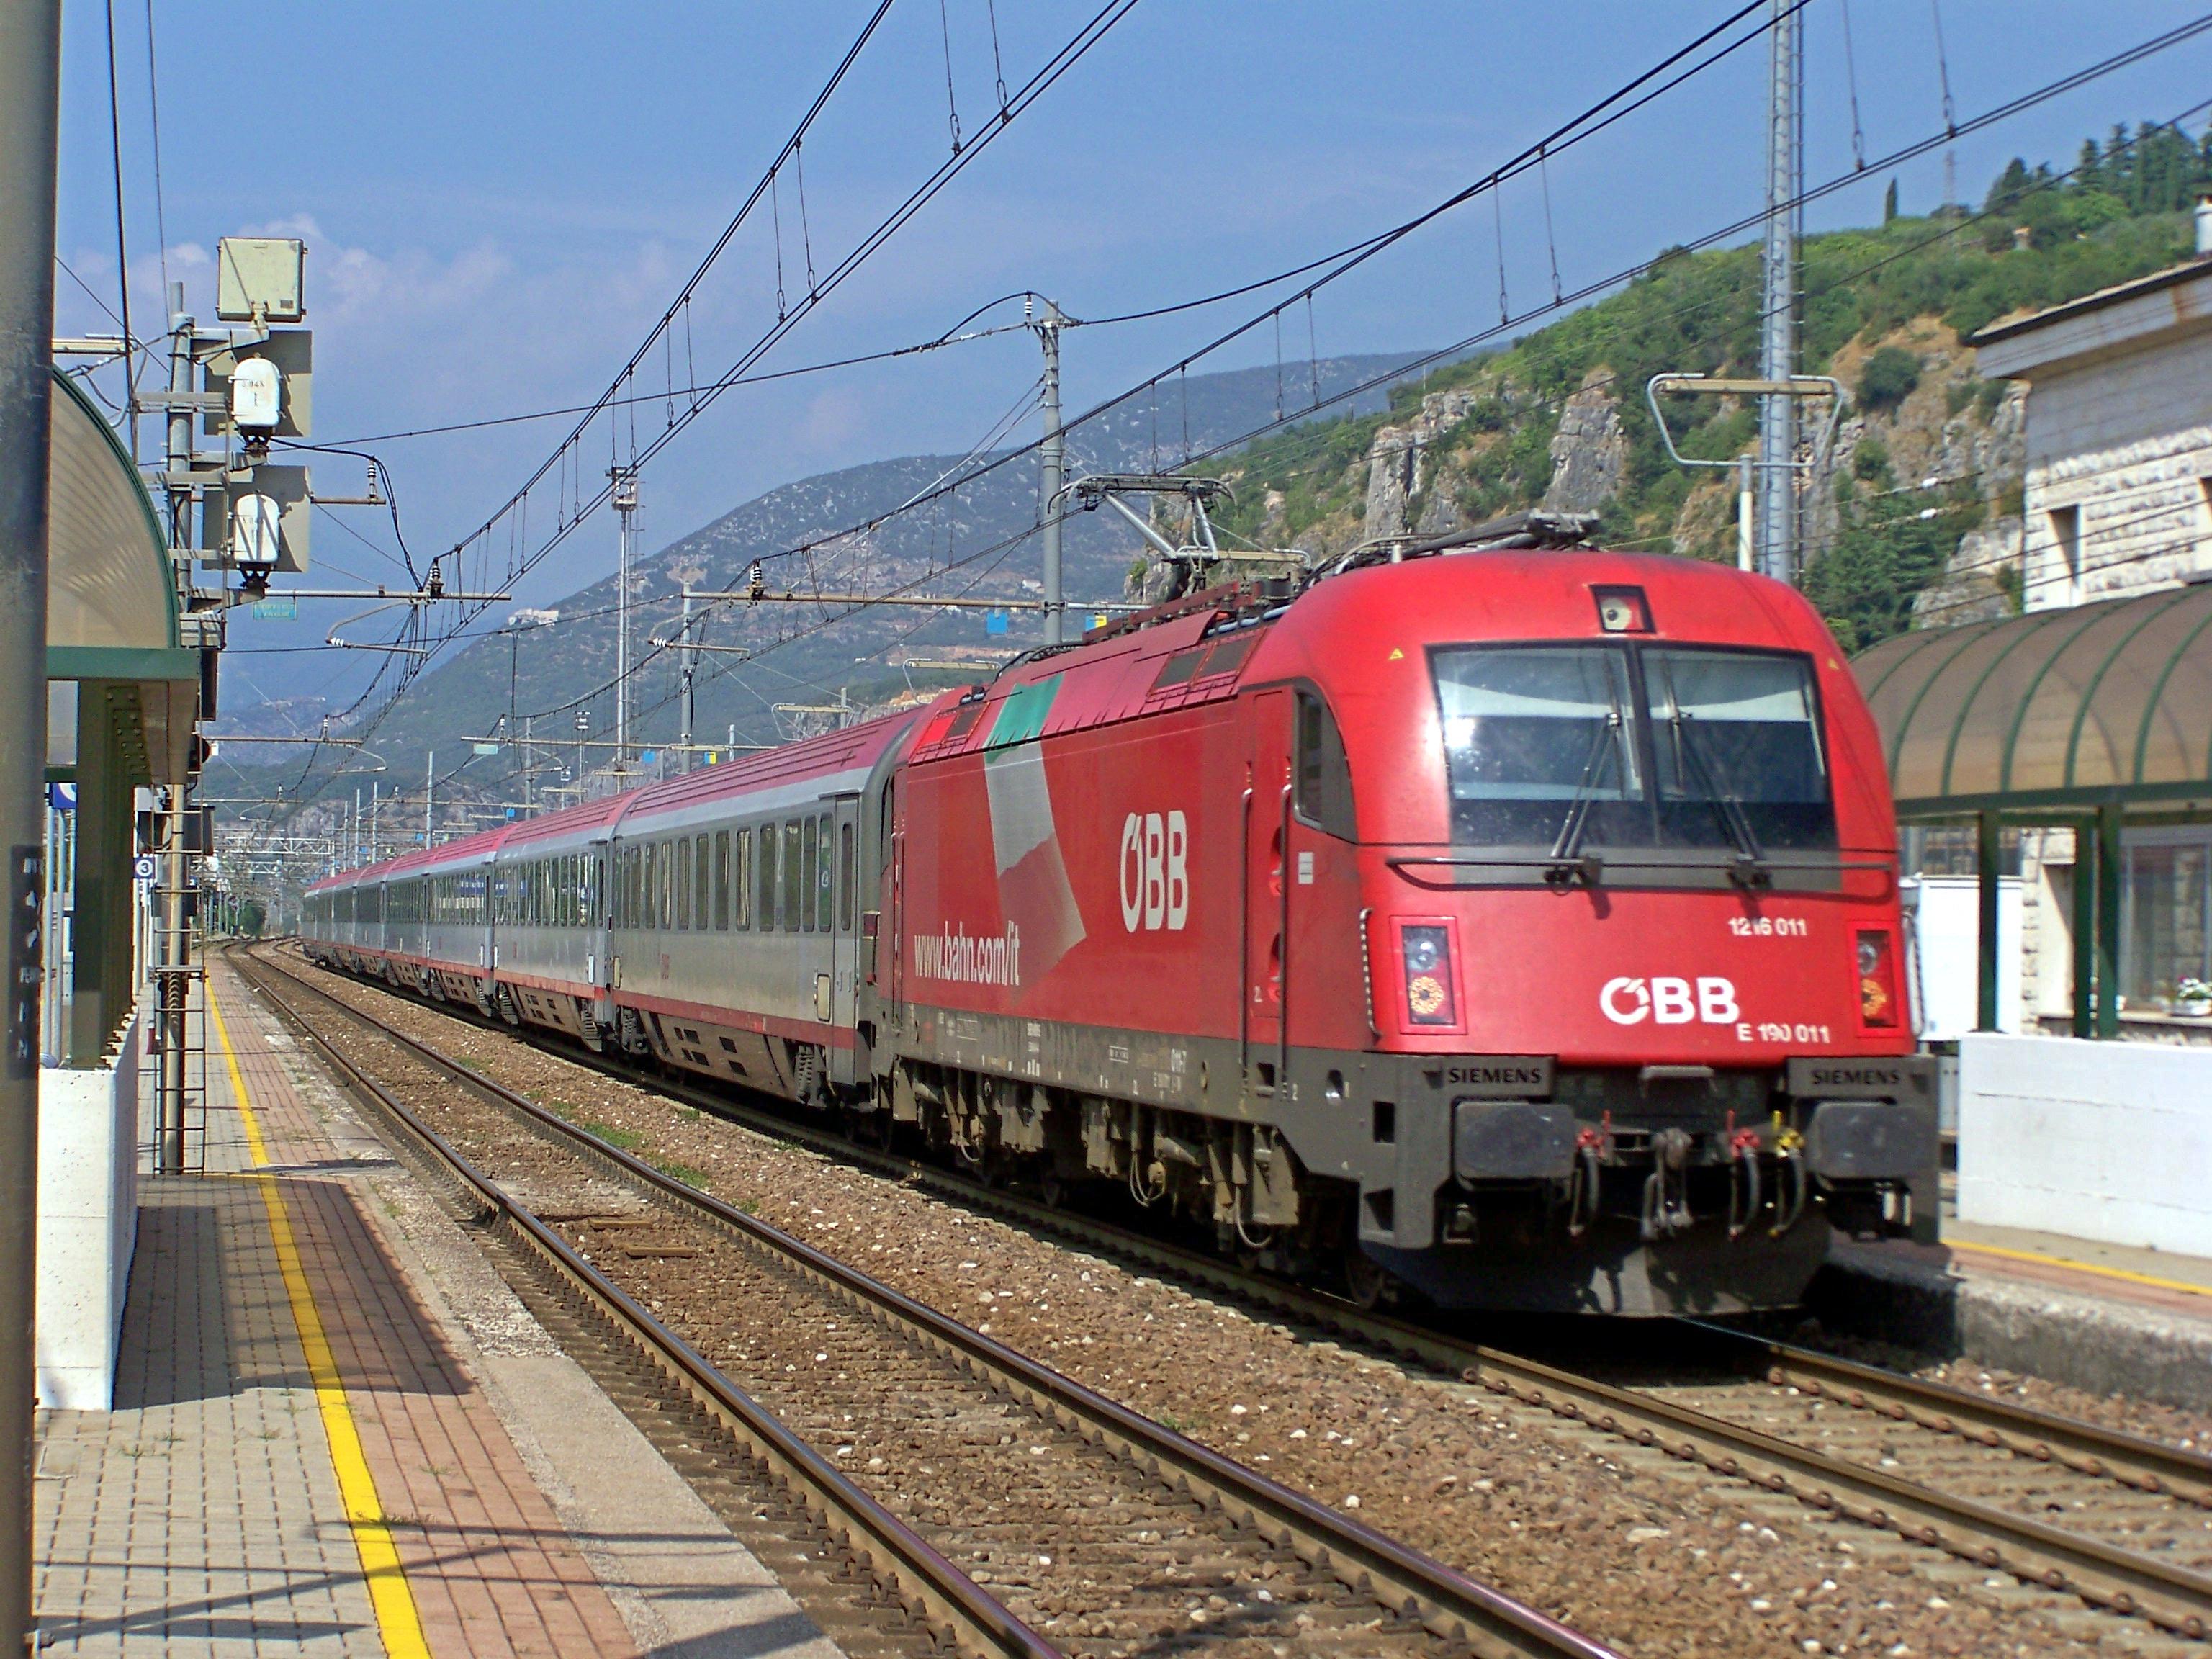 File:ÖBB-DB-TN EC 85 ÖBB 1216 011 Domegliara 20130824.JPG